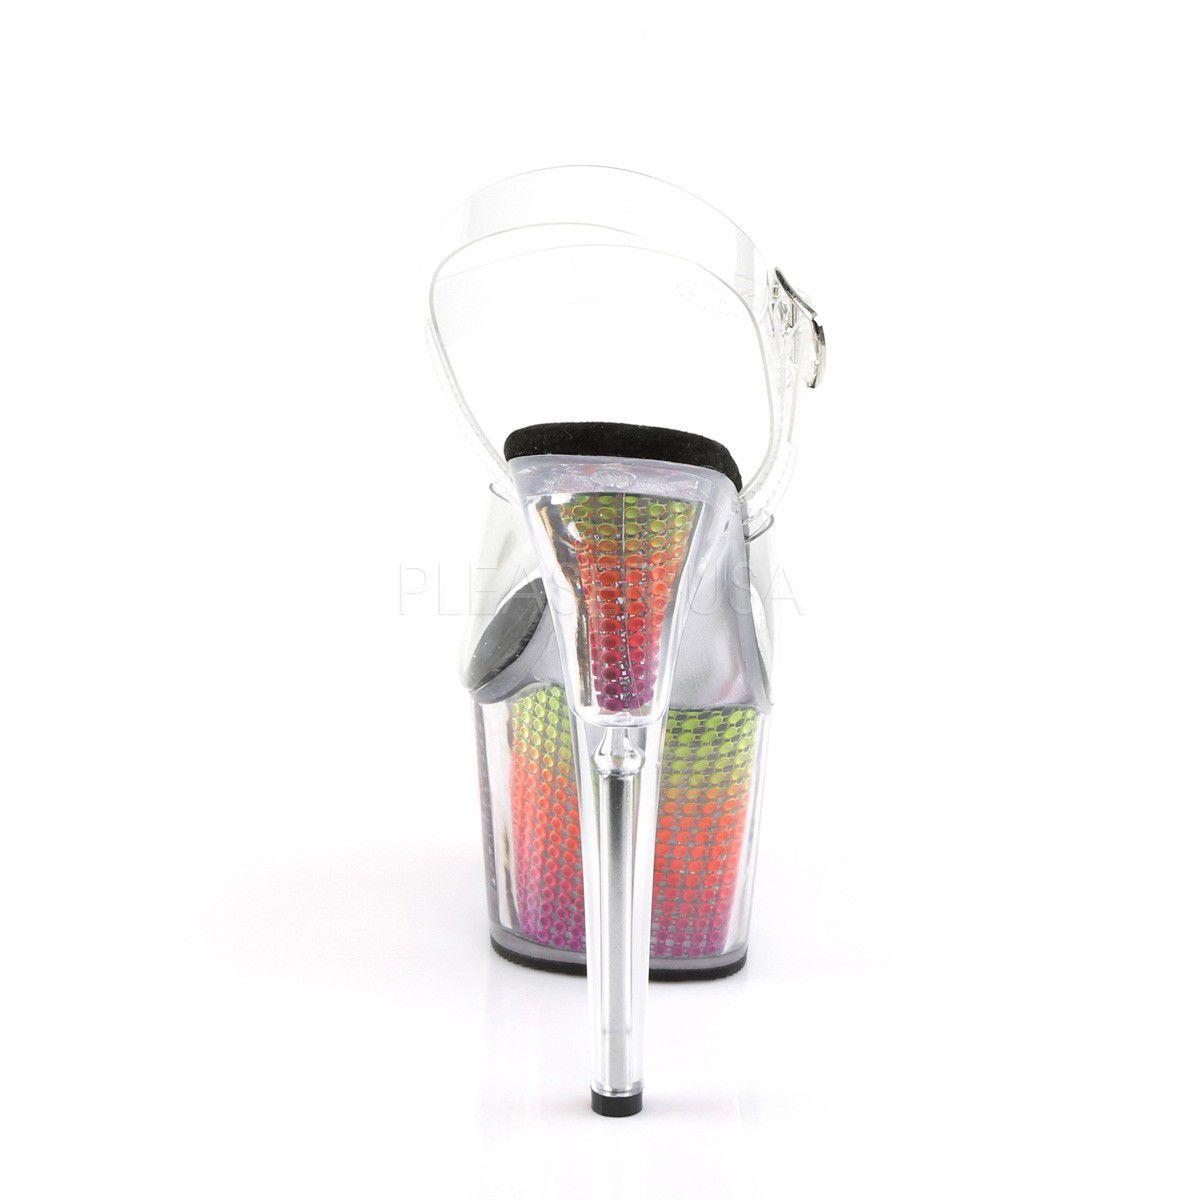 Sandália Adore 708 SRS Acrílico e Strass UV Rainbow - Pleaser (encomenda)